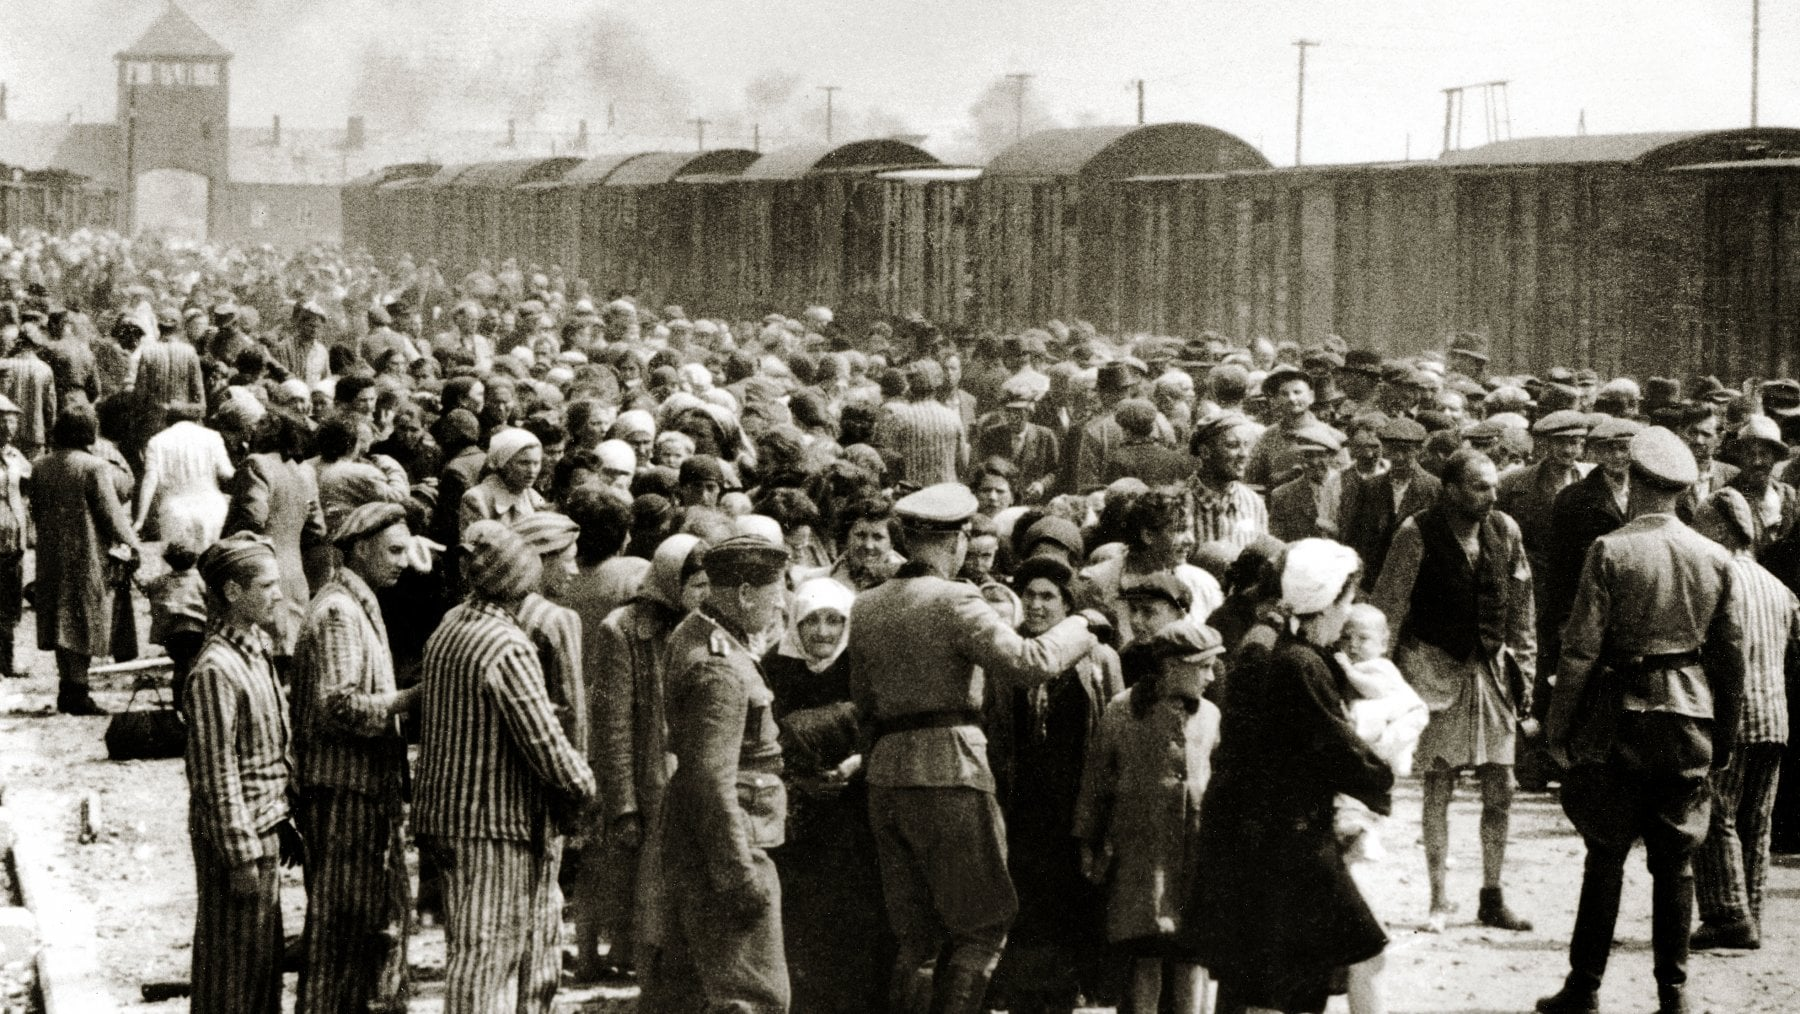 163507479 f767315a e93c 4afd 952d 476262f99a88 - Dalla Germania aiuti ai sopravvissuti della Shoah per superare la crisi da Covid 19